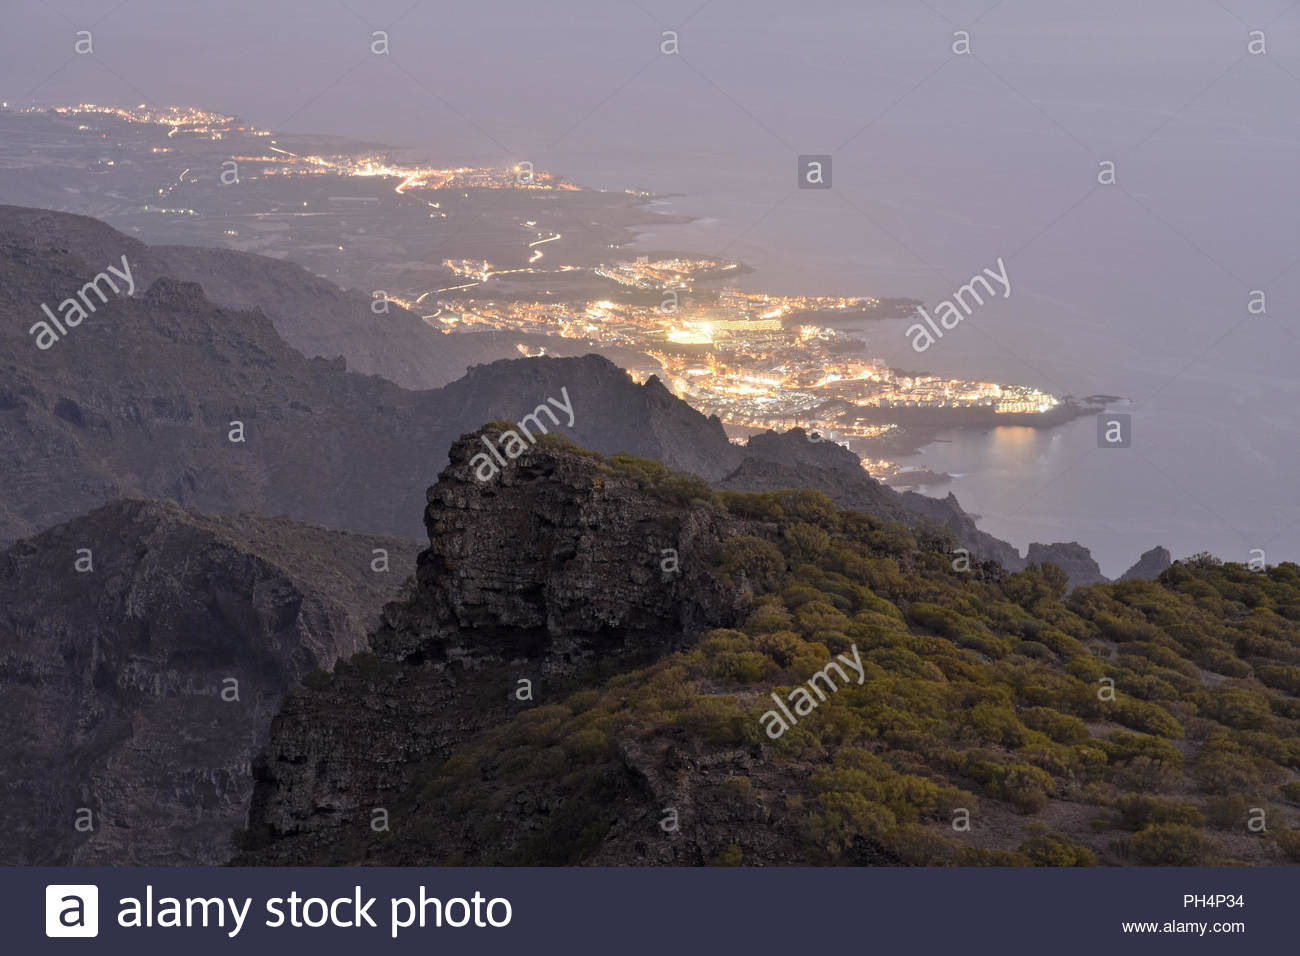 Städte von Los Gigantes und Puerto de Santiago leuchten in der Abenddämmerung. Erhöhte Ansicht vom Teno-gebirge im Nordwesten von Teneriffa Kanarische Inseln Spanien. Stockbild